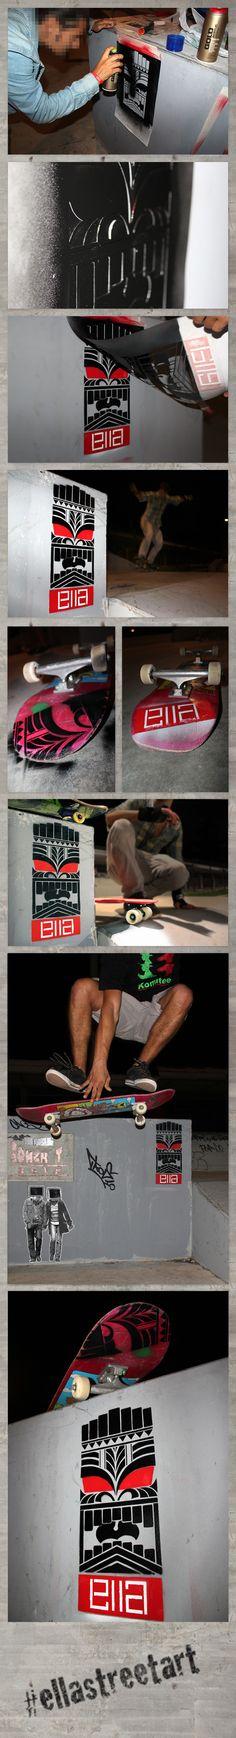 Tiki & Skate by Ella , via Behance